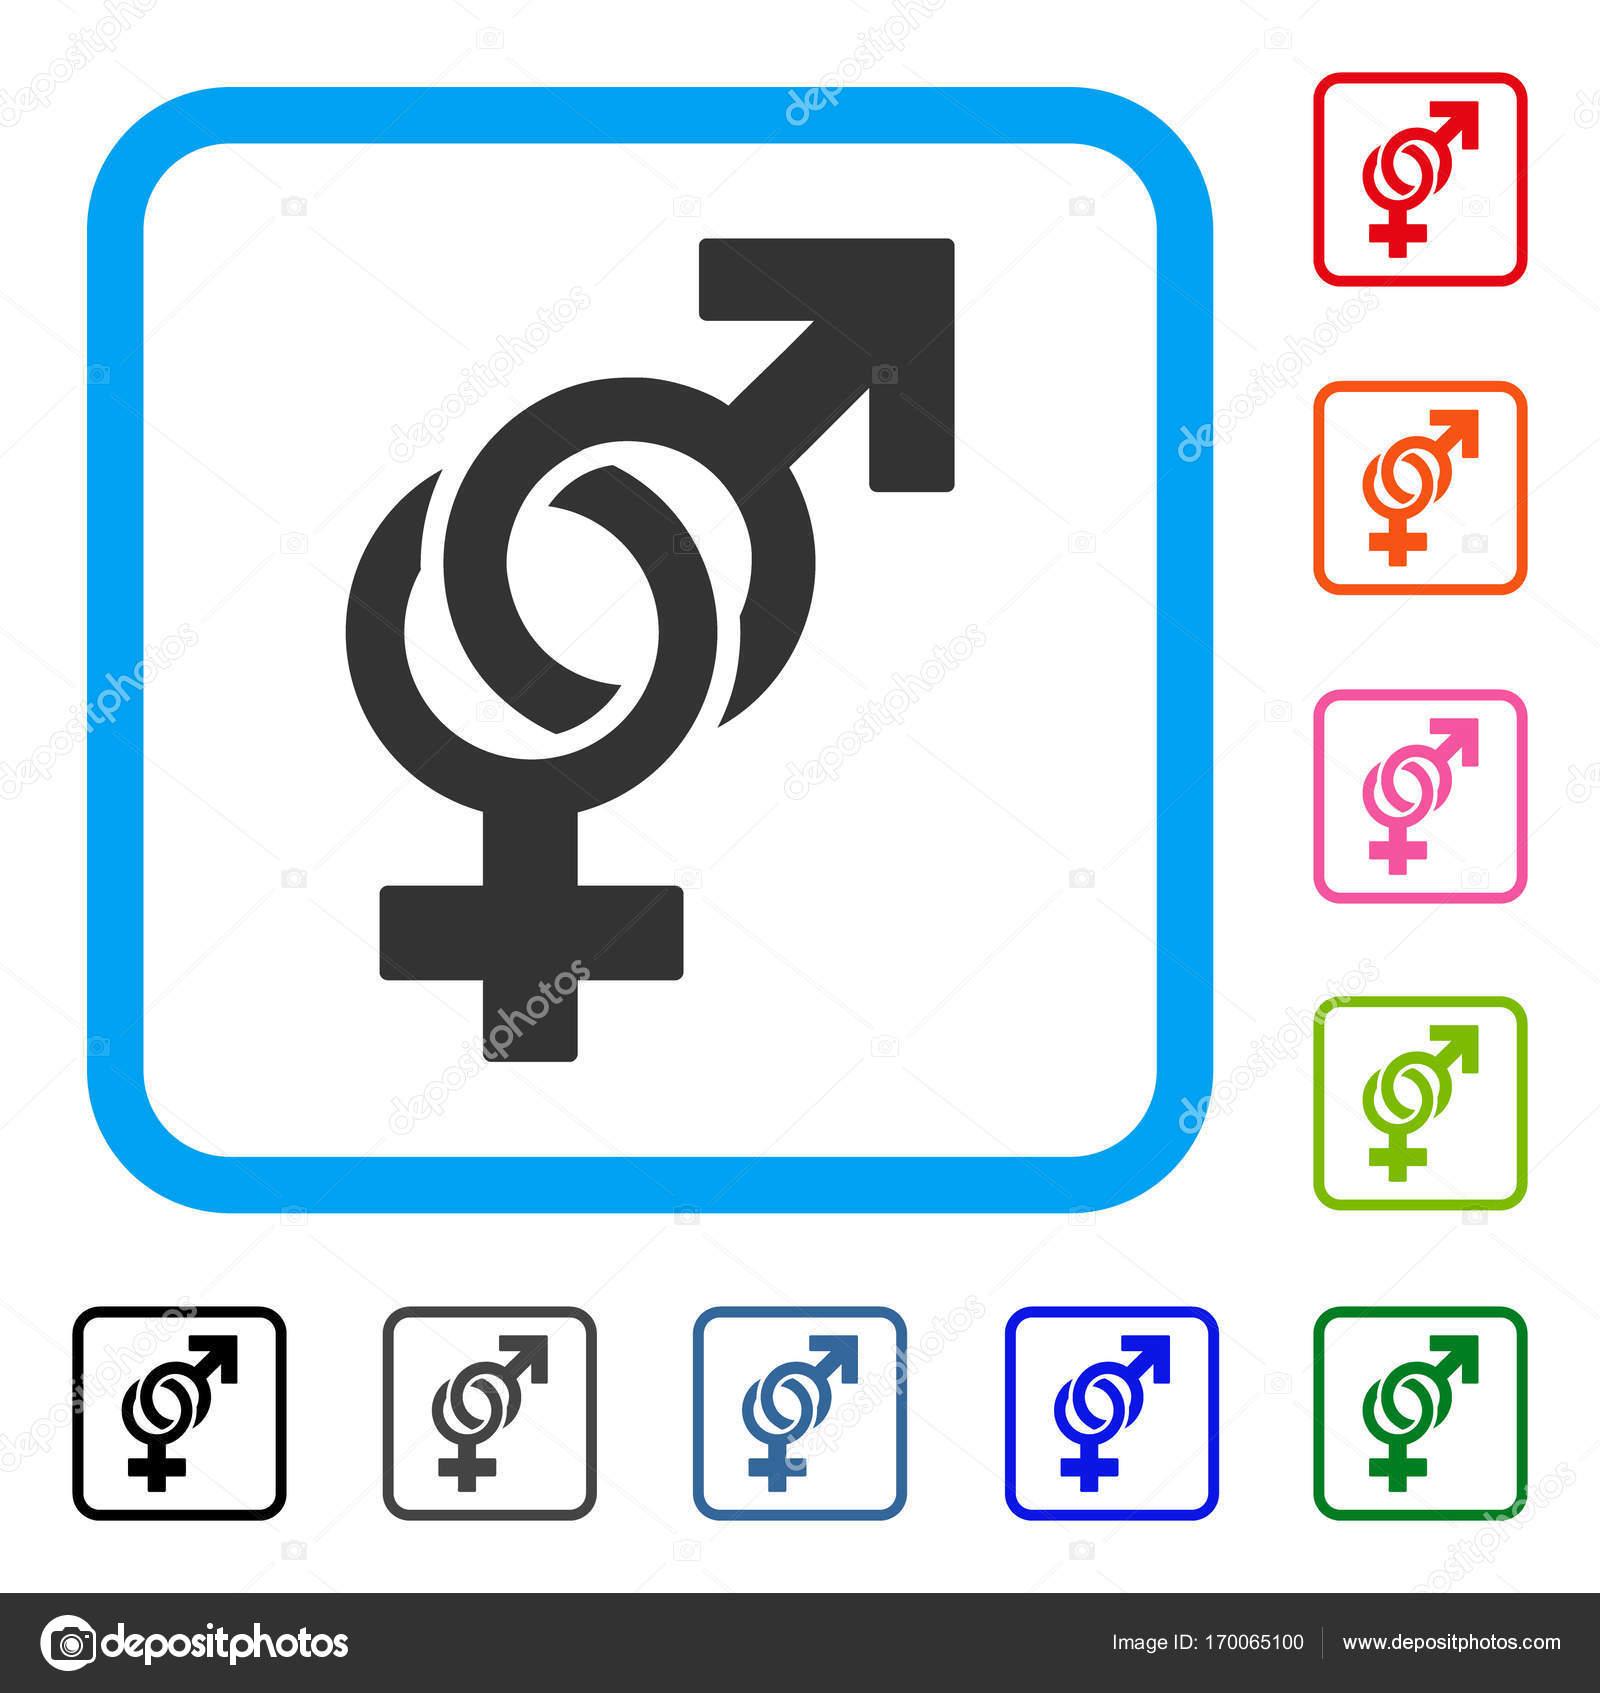 Símbolos sexuales enmarcan icono — Archivo Imágenes Vectoriales ...